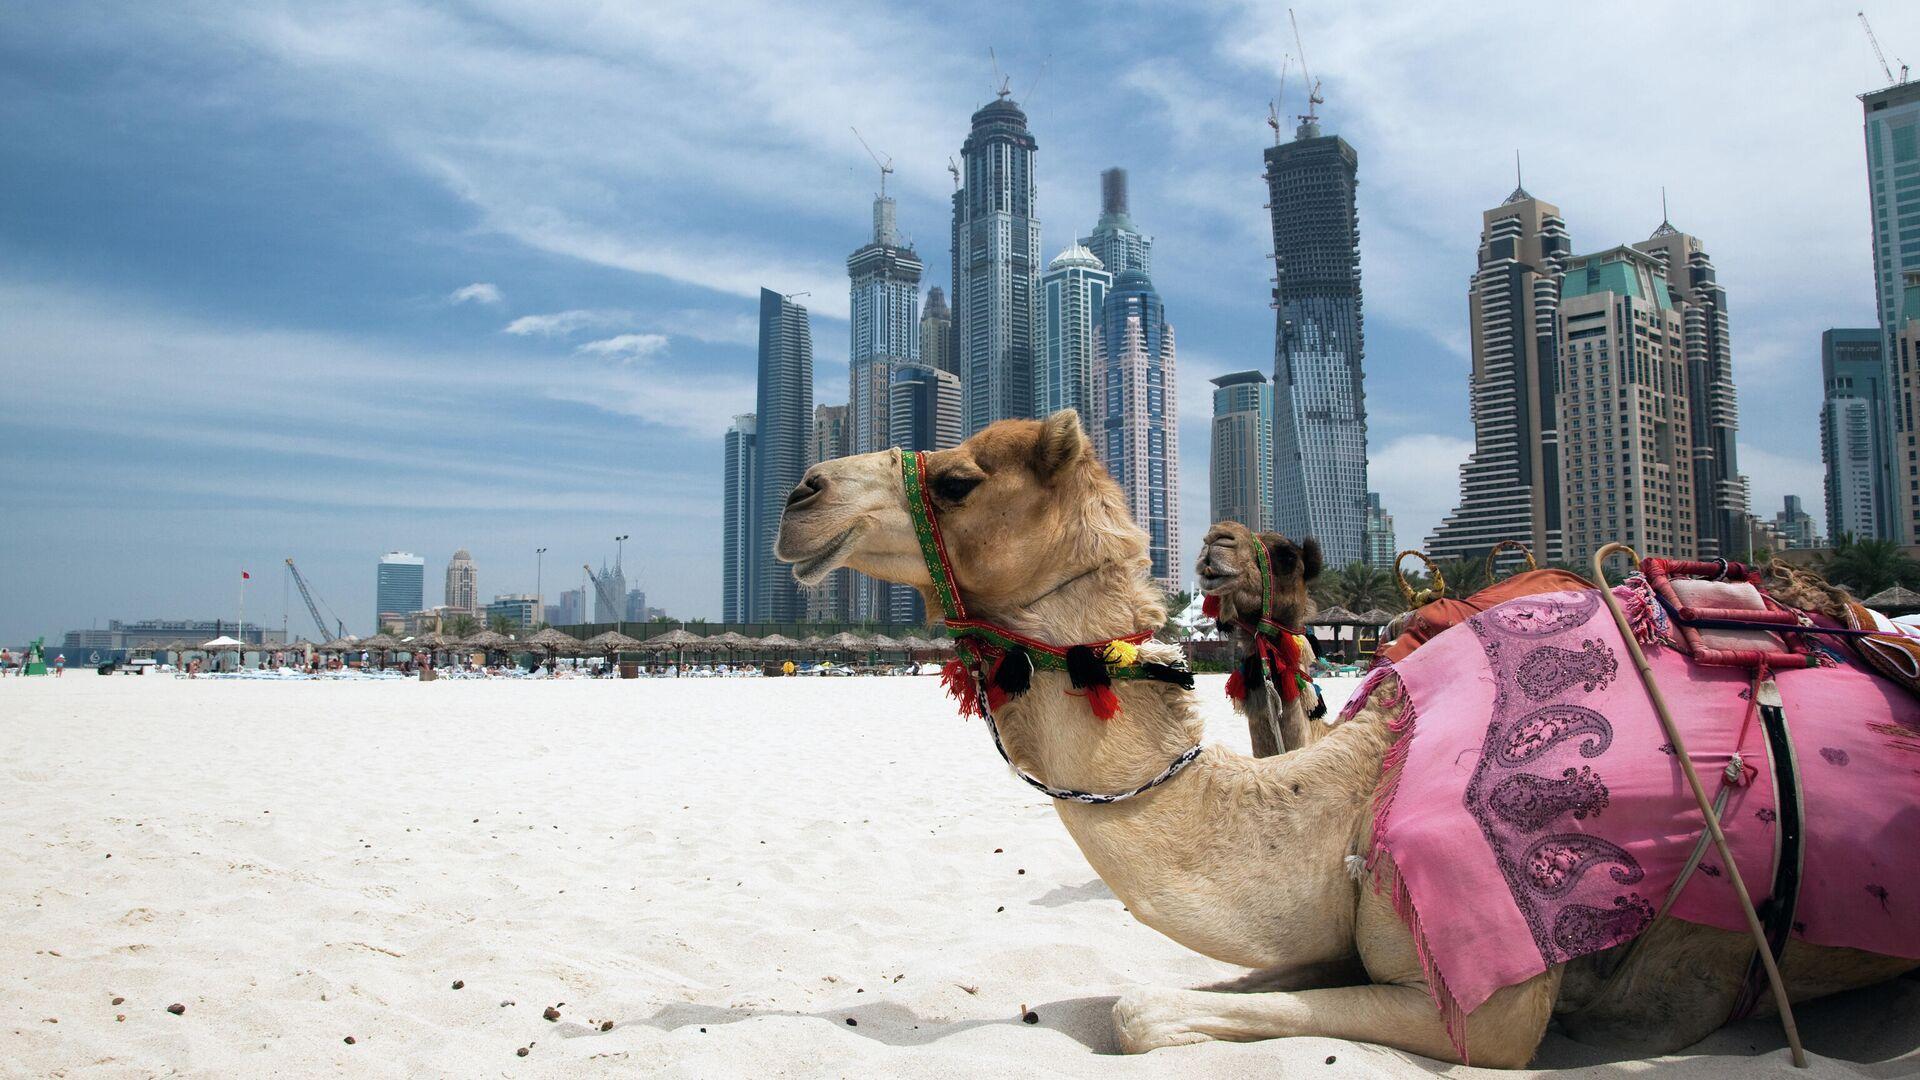 Верблюды в Дубае, ОАЭ - РИА Новости, 1920, 19.09.2020